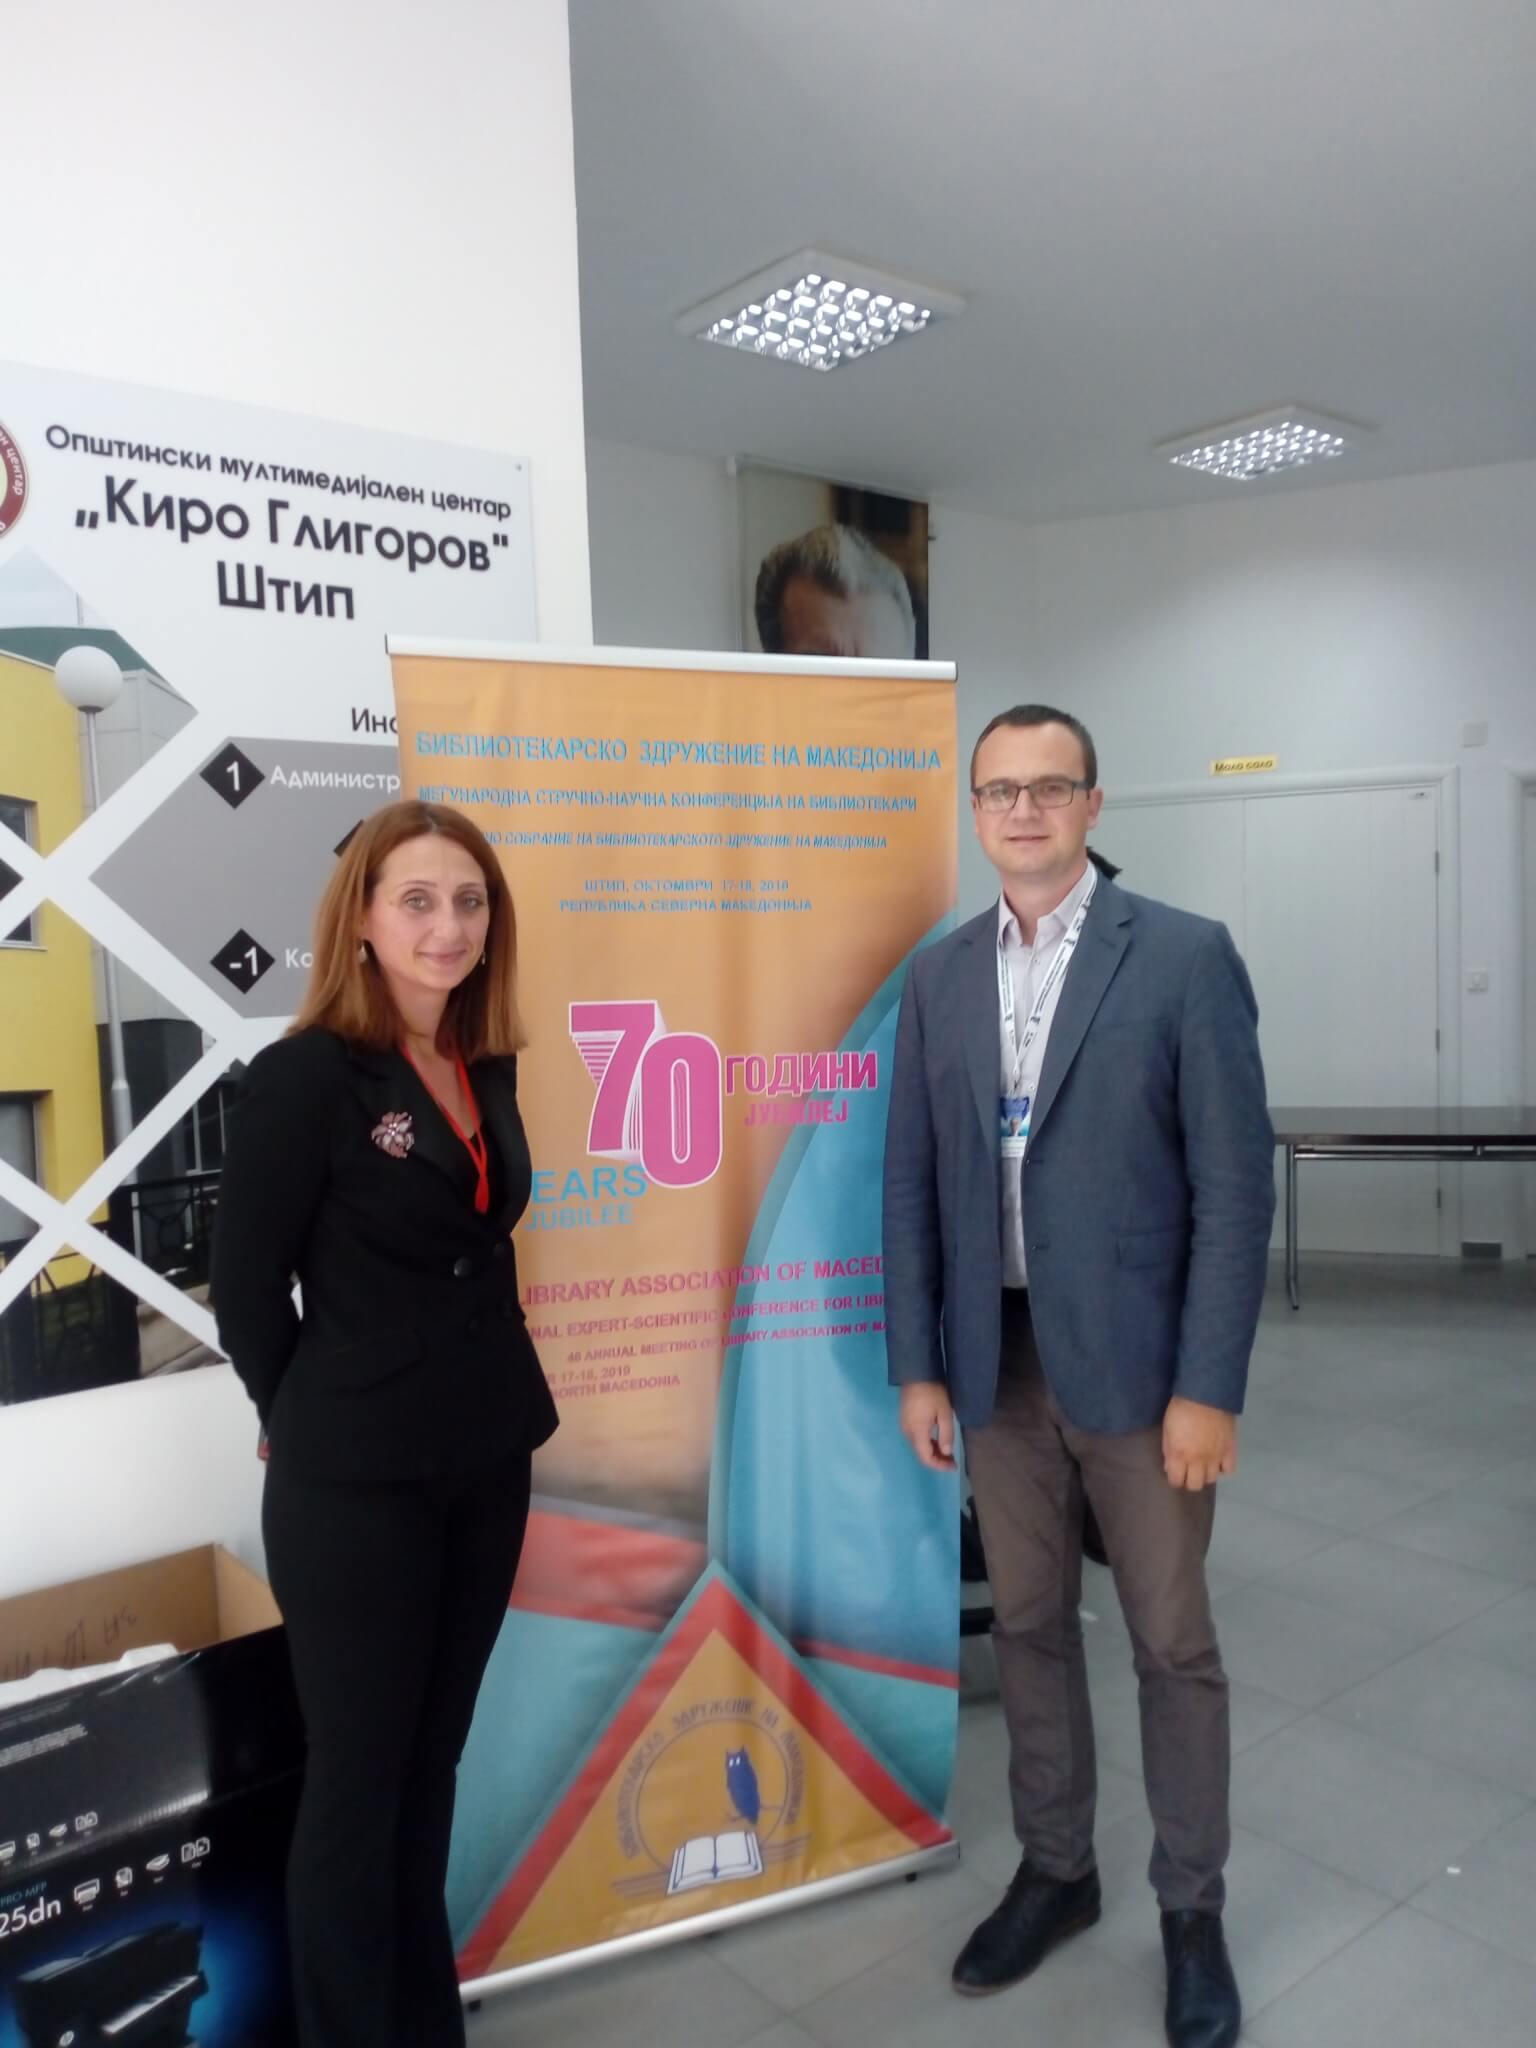 Обновљена сарадња са Библиотекарским удружењем Македоније